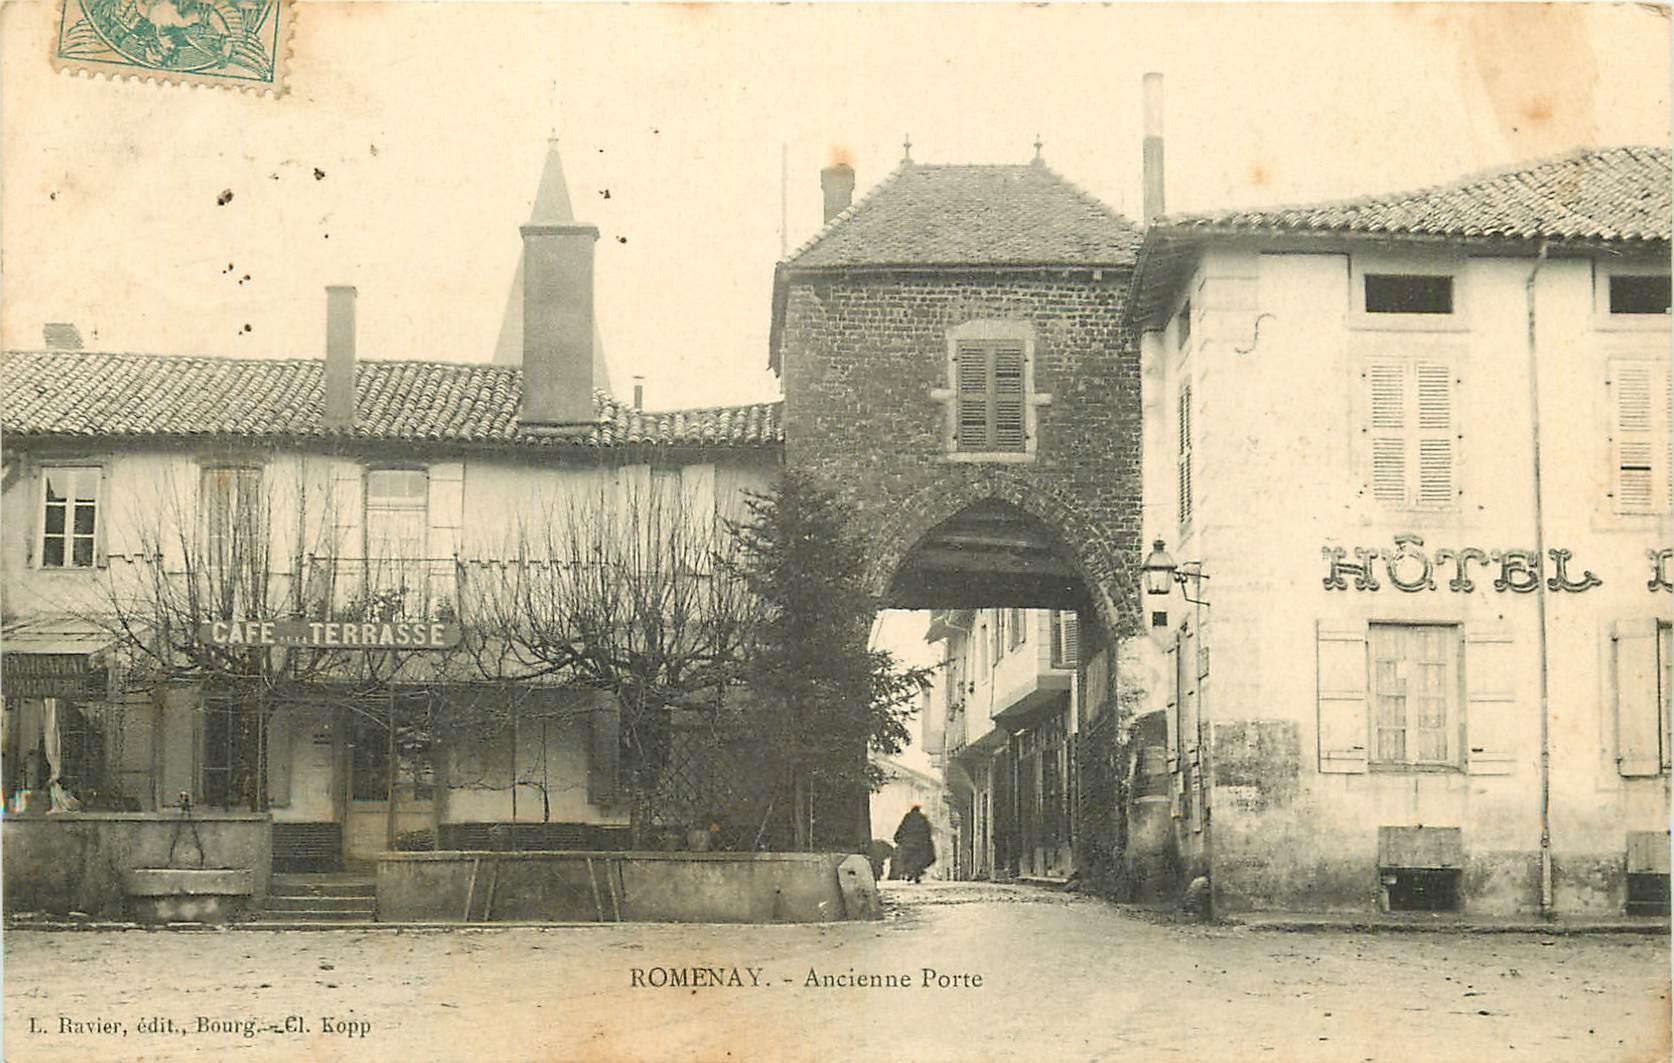 WW 71 ROMENAY. Café et Hôtel à l'Ancienne Porte 1905